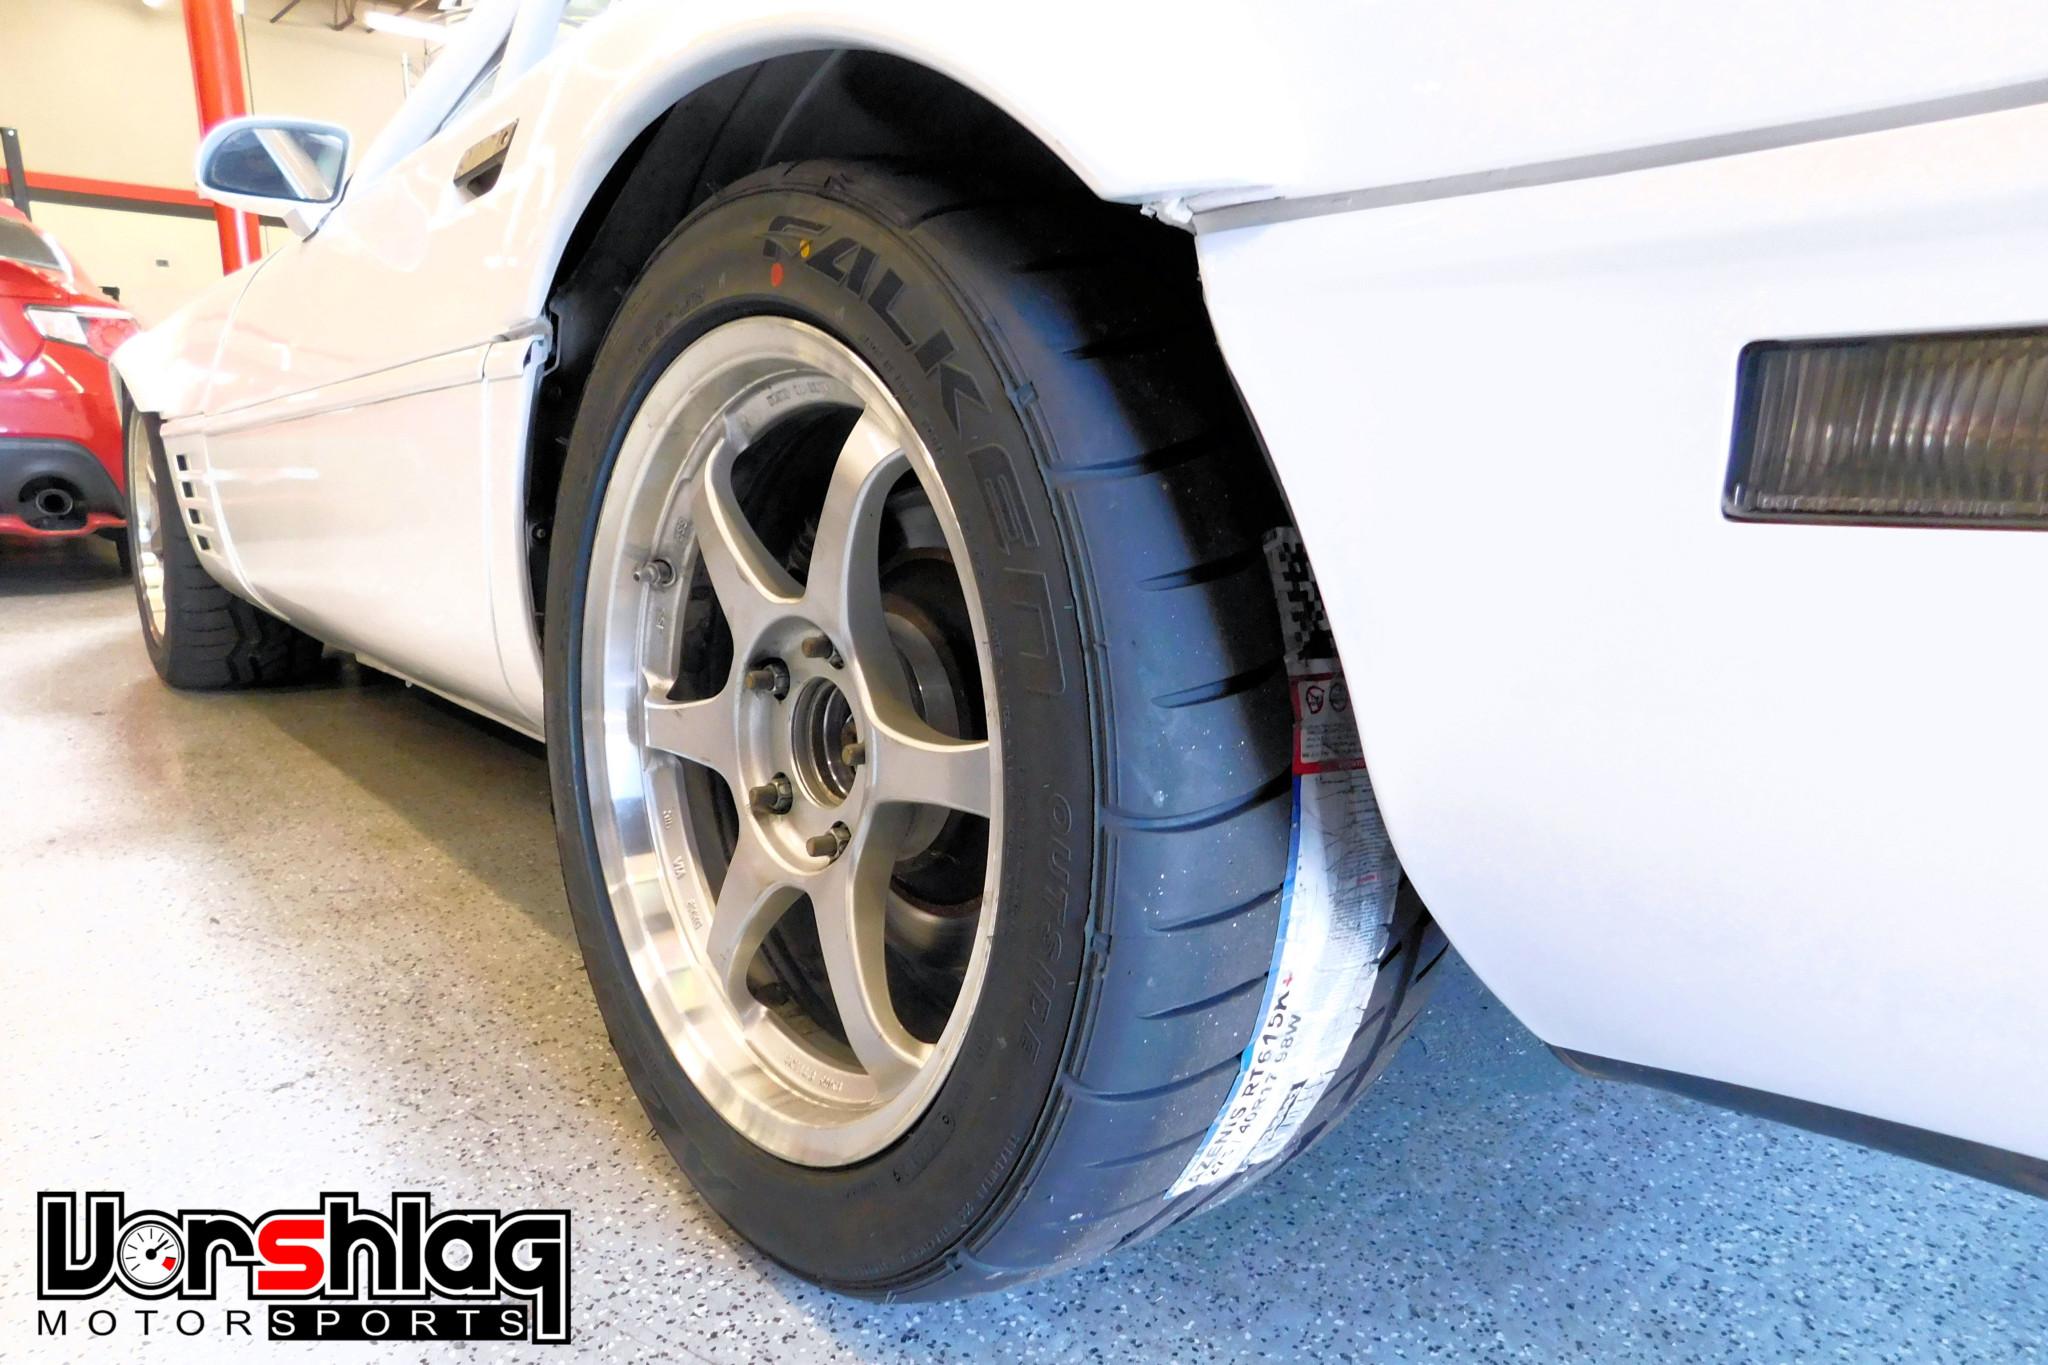 1992 Chevrolet Corvette wheels detail